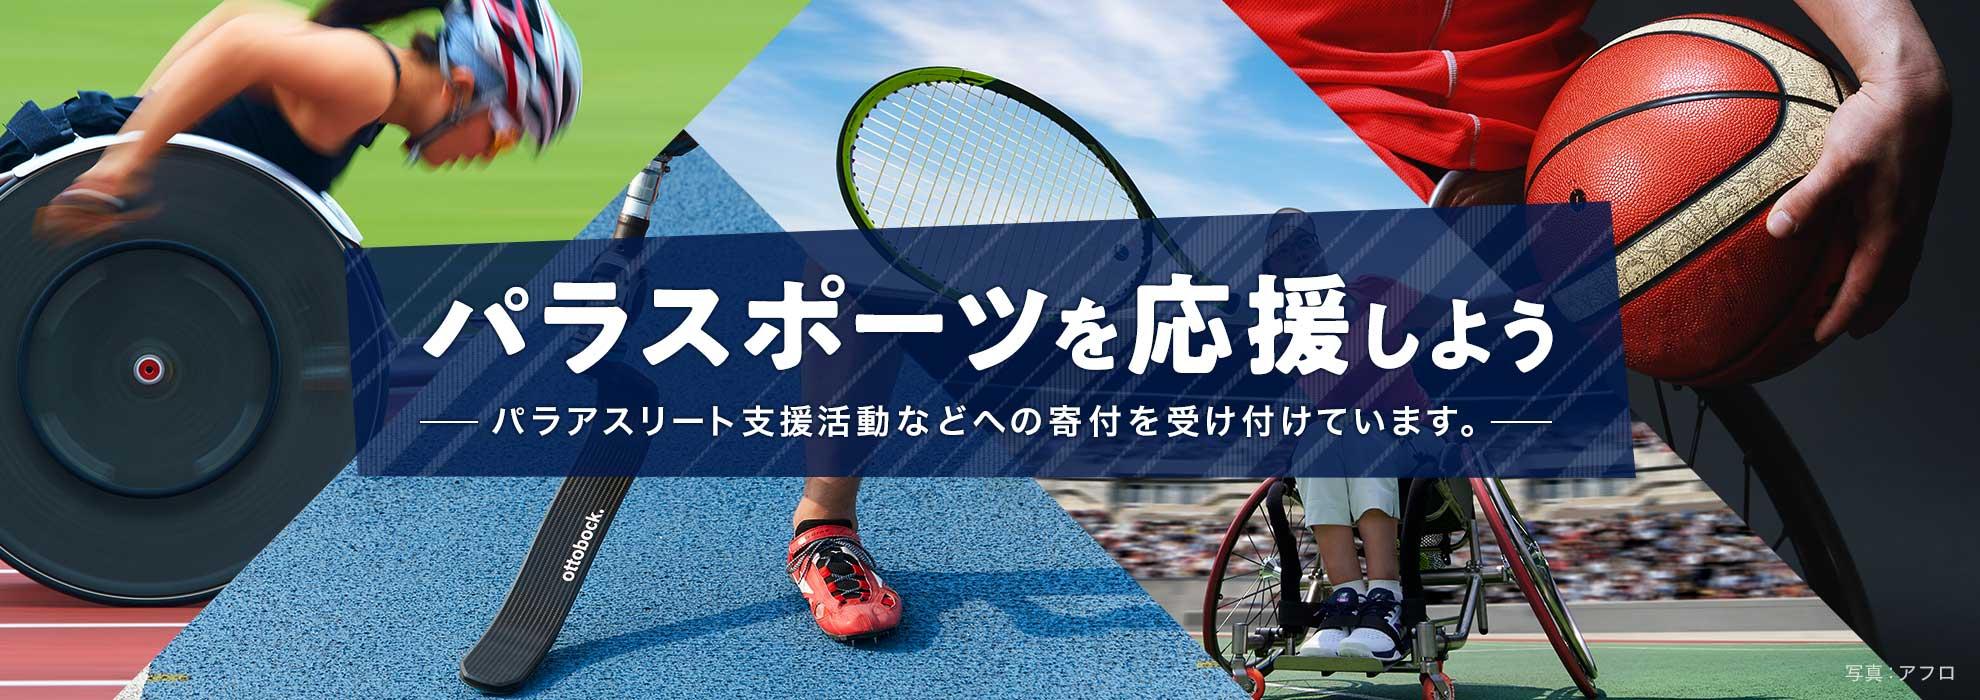 パラスポーツを応援しよう パラアスリート支援活動などへの寄付を受け付けています